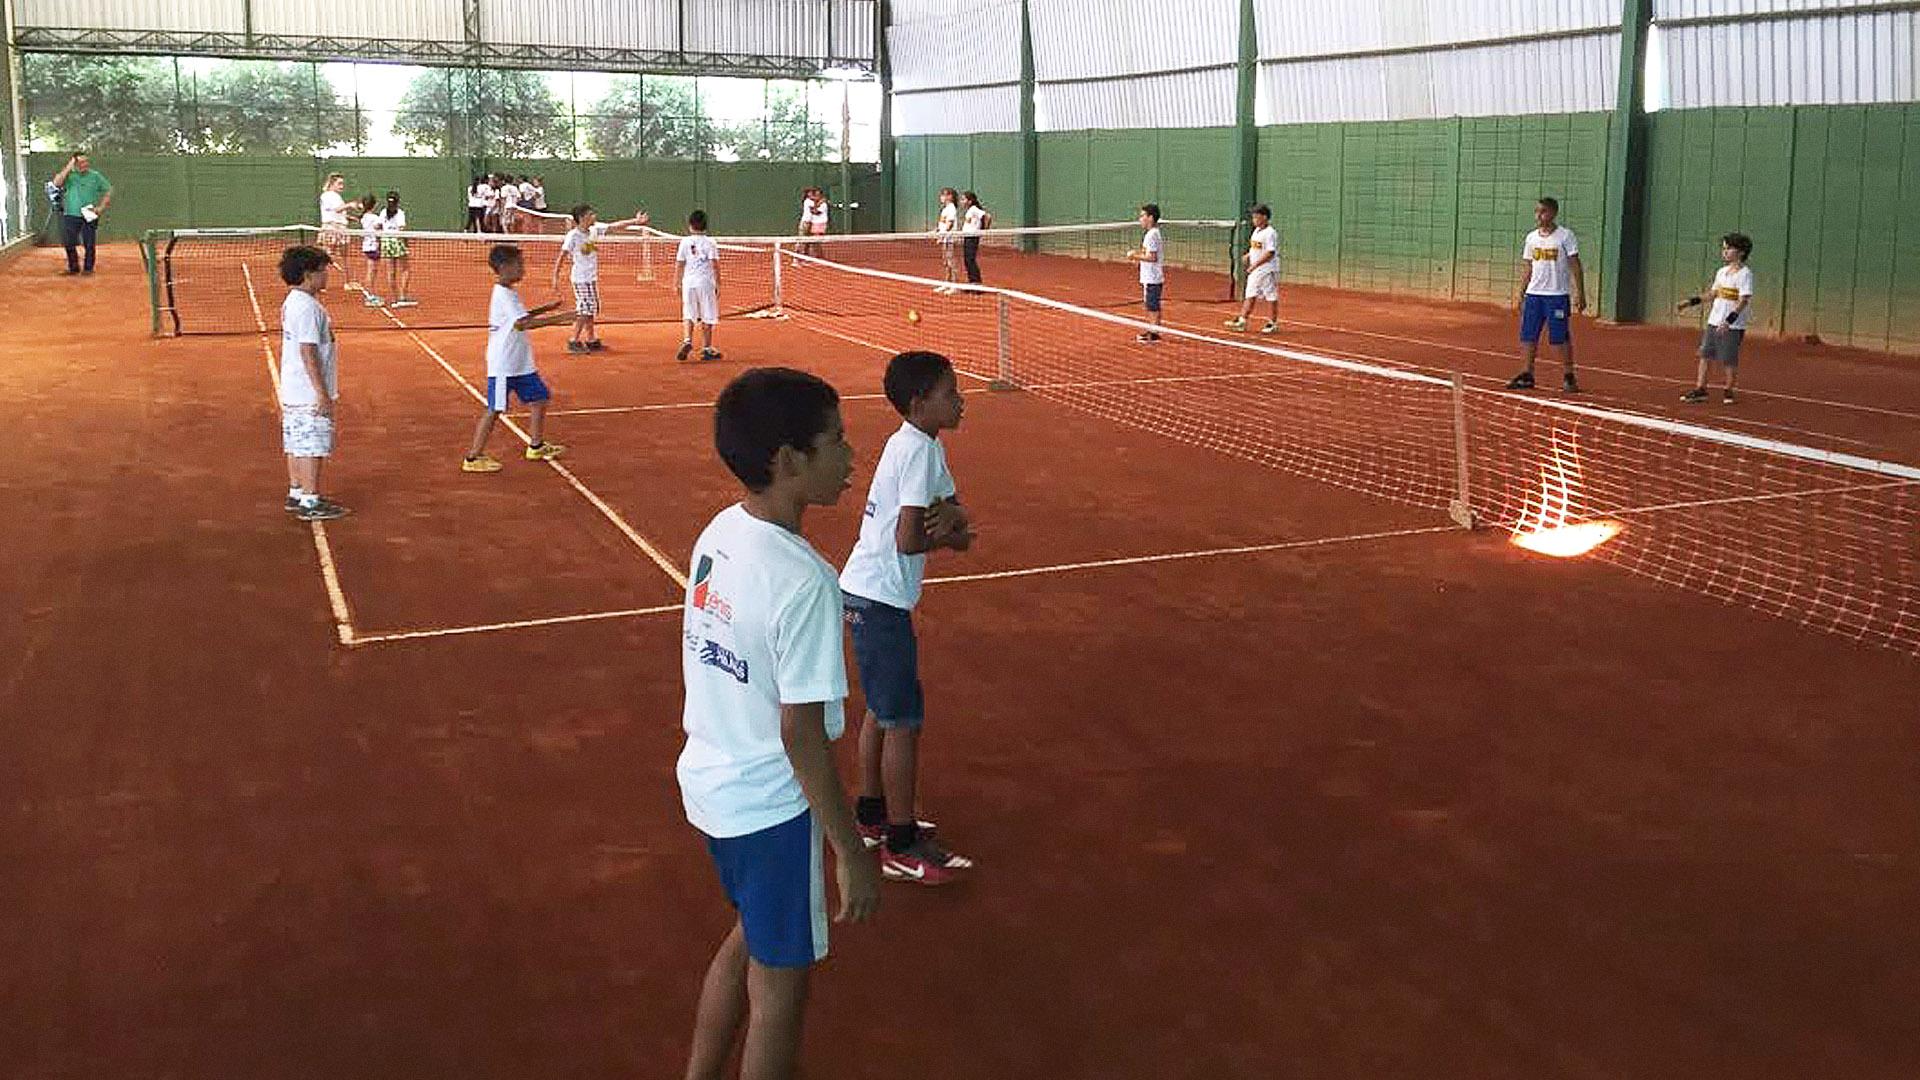 And most importantly: - more than 20 children with brand new racketsat the Instituição Educando com Tênis.